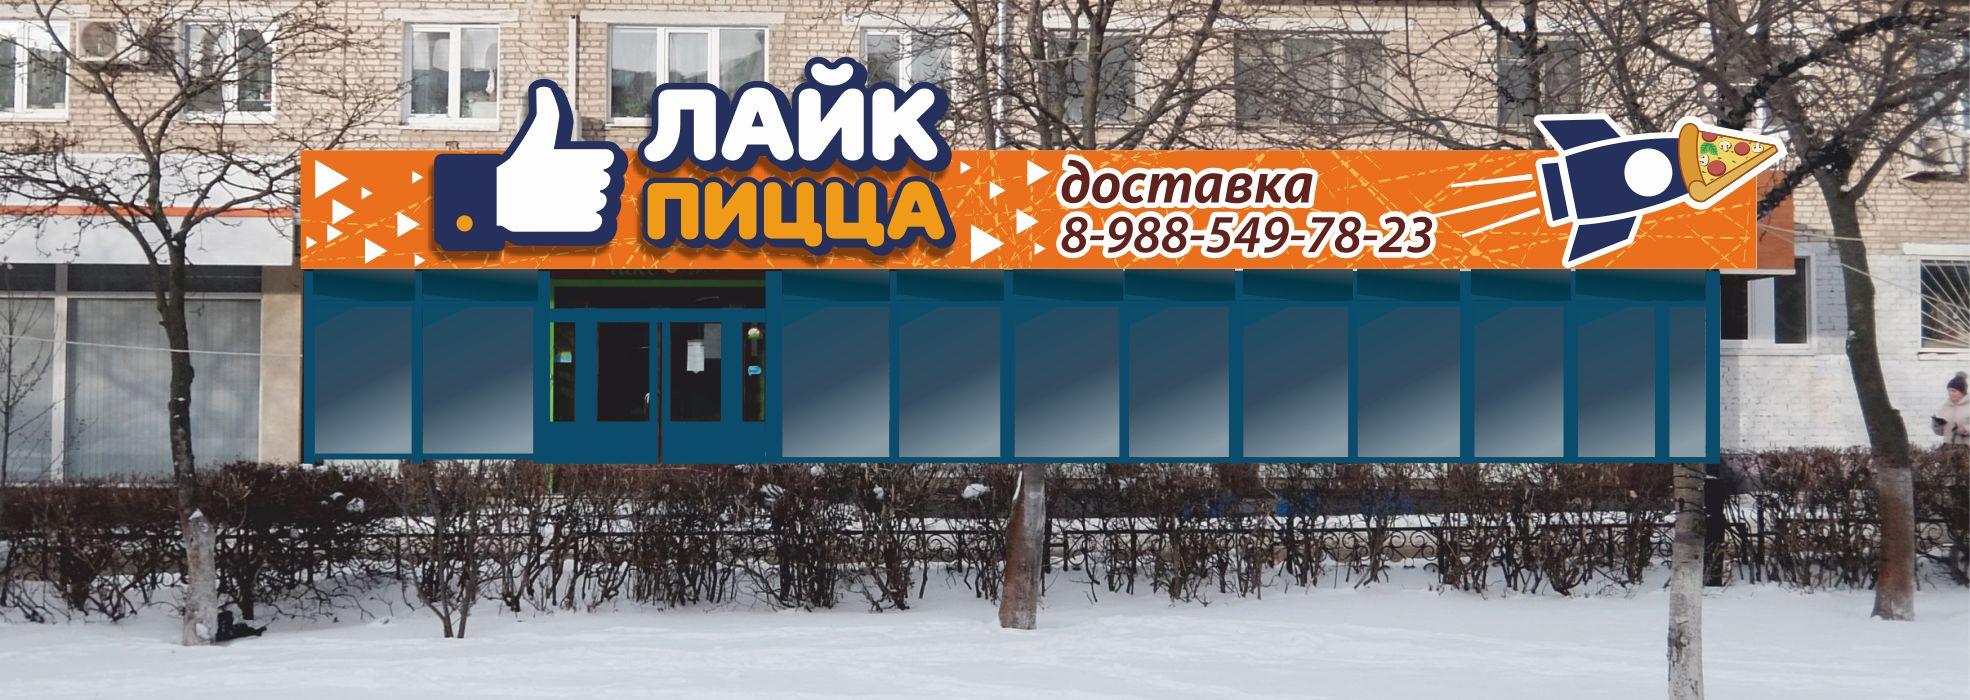 Дизайн уличного козырька с вывеской для пиццерии фото f_3205873cf38bd7c2.jpg